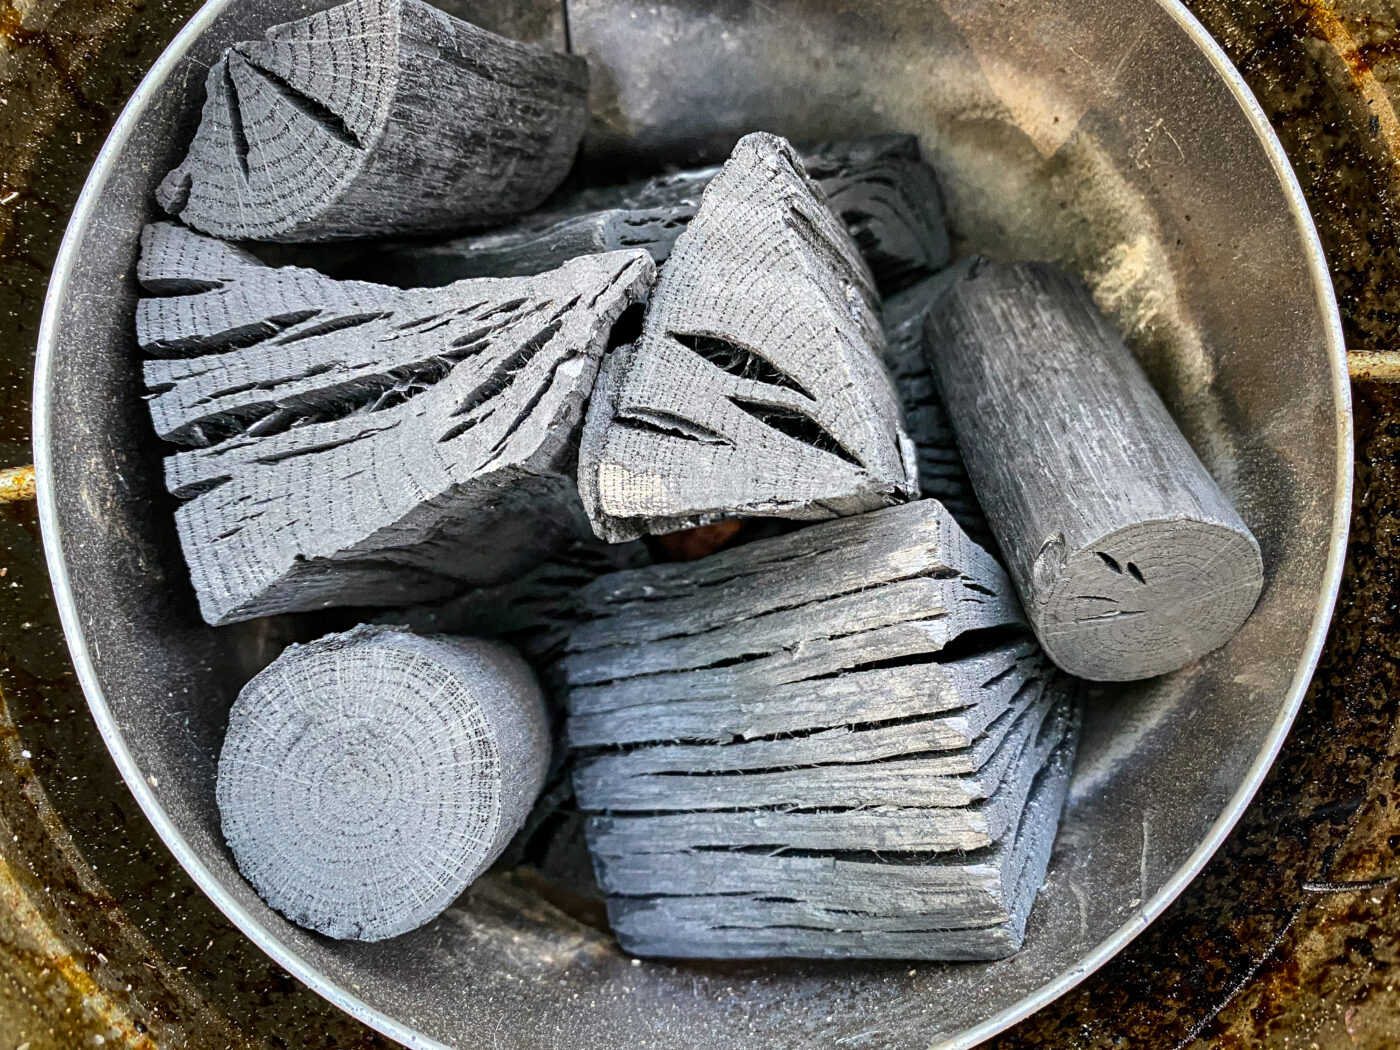 tab.マルチに使える缶ストーブの内部写真。2重構造で燃焼効率もよくとても使い勝手が良い。炭火を起こすのにも便利。